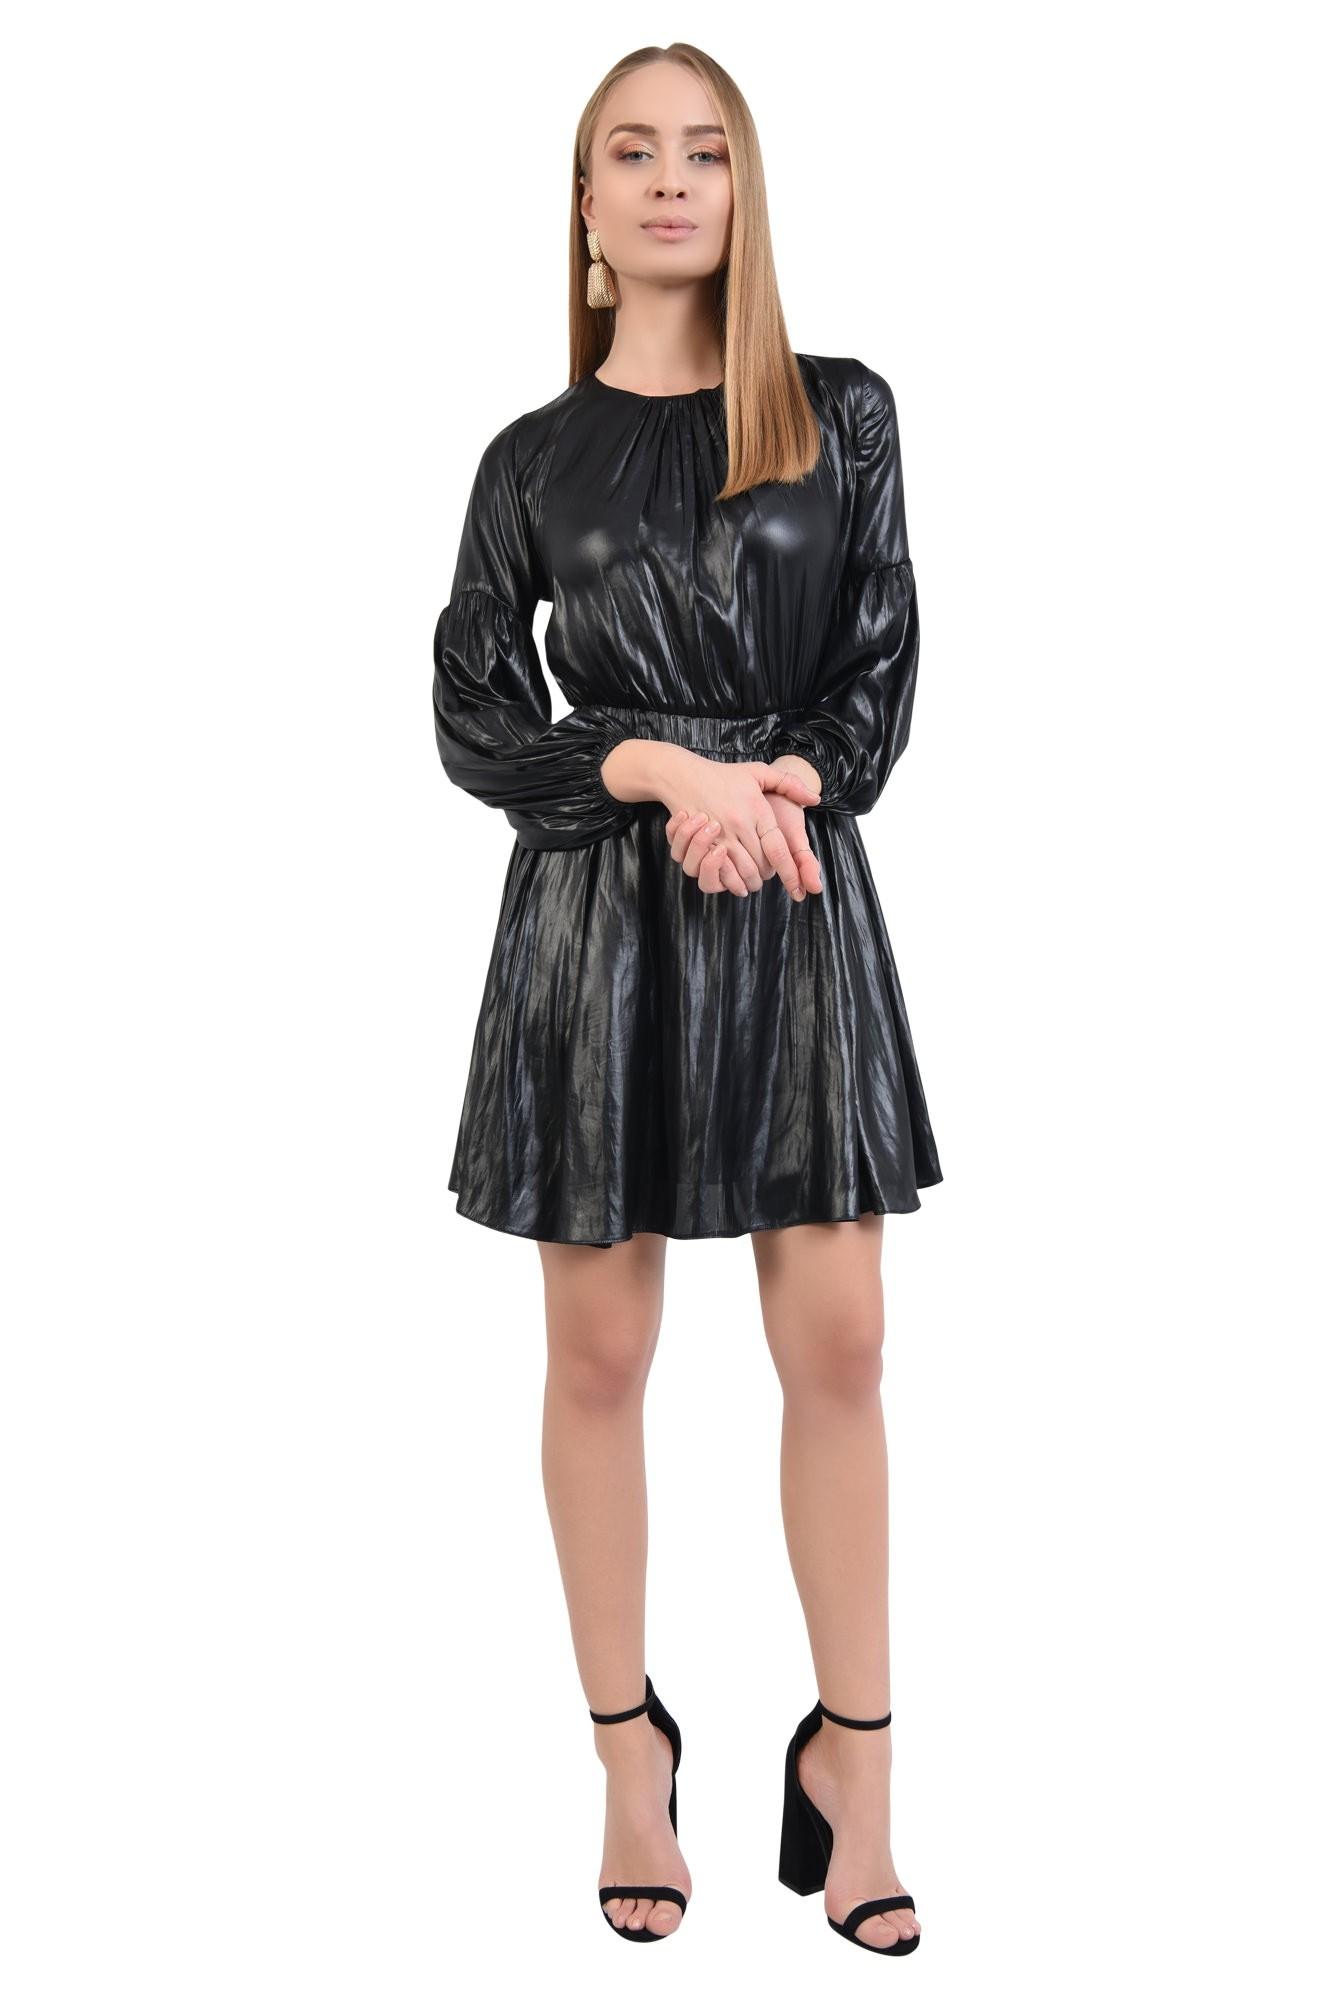 0 - rochie neagra, mini, casual, fronseuri la decolteu